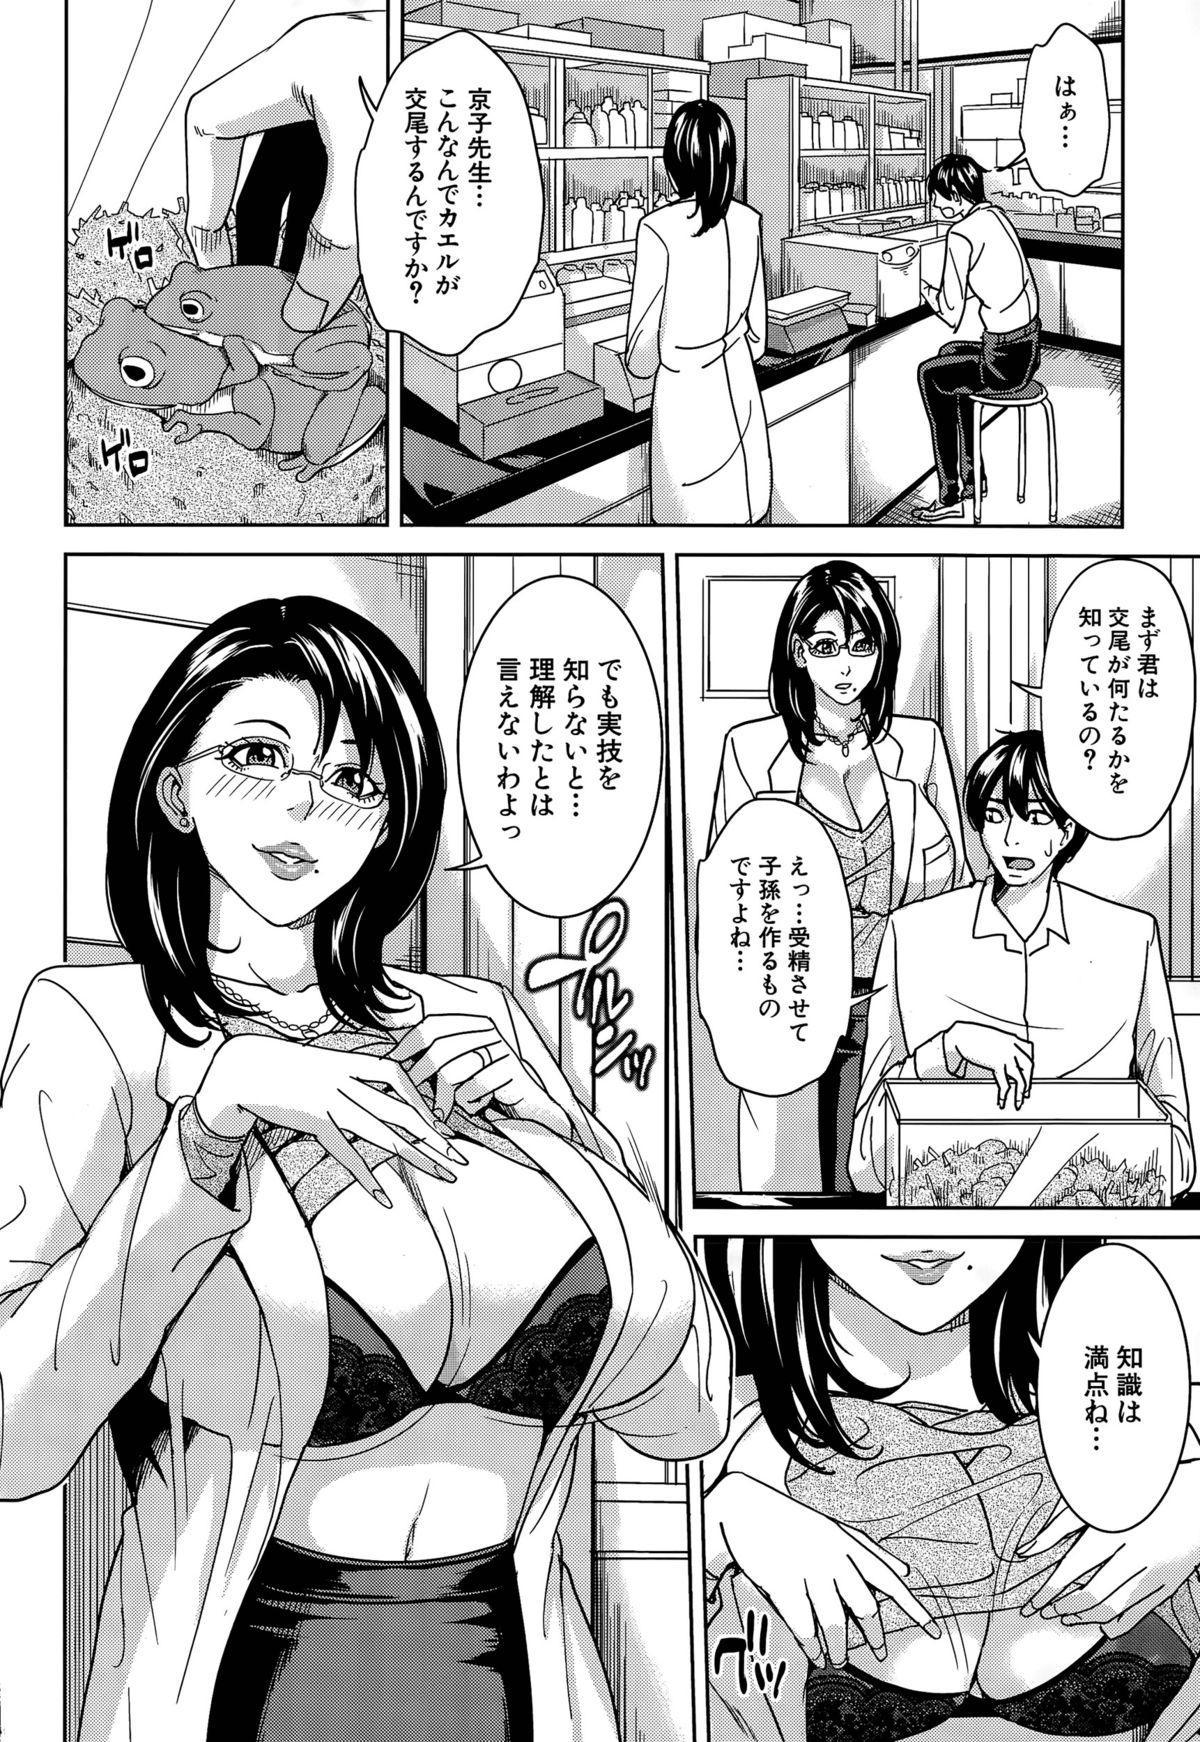 Kyouko Sensei to Boku no Himitsu 7